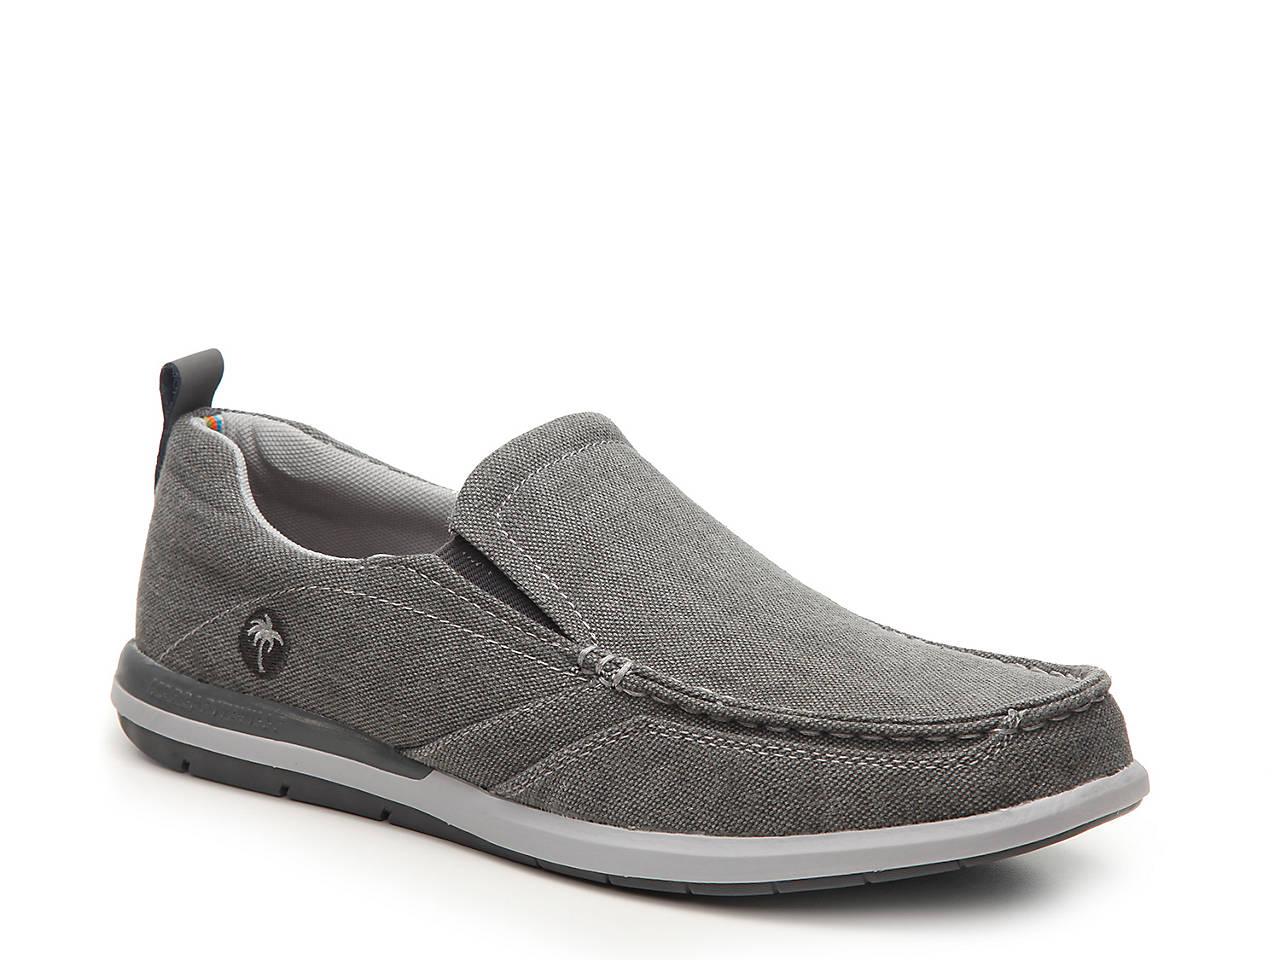 b0ee902874 Margaritaville Marina Slip-On Men's Shoes | DSW